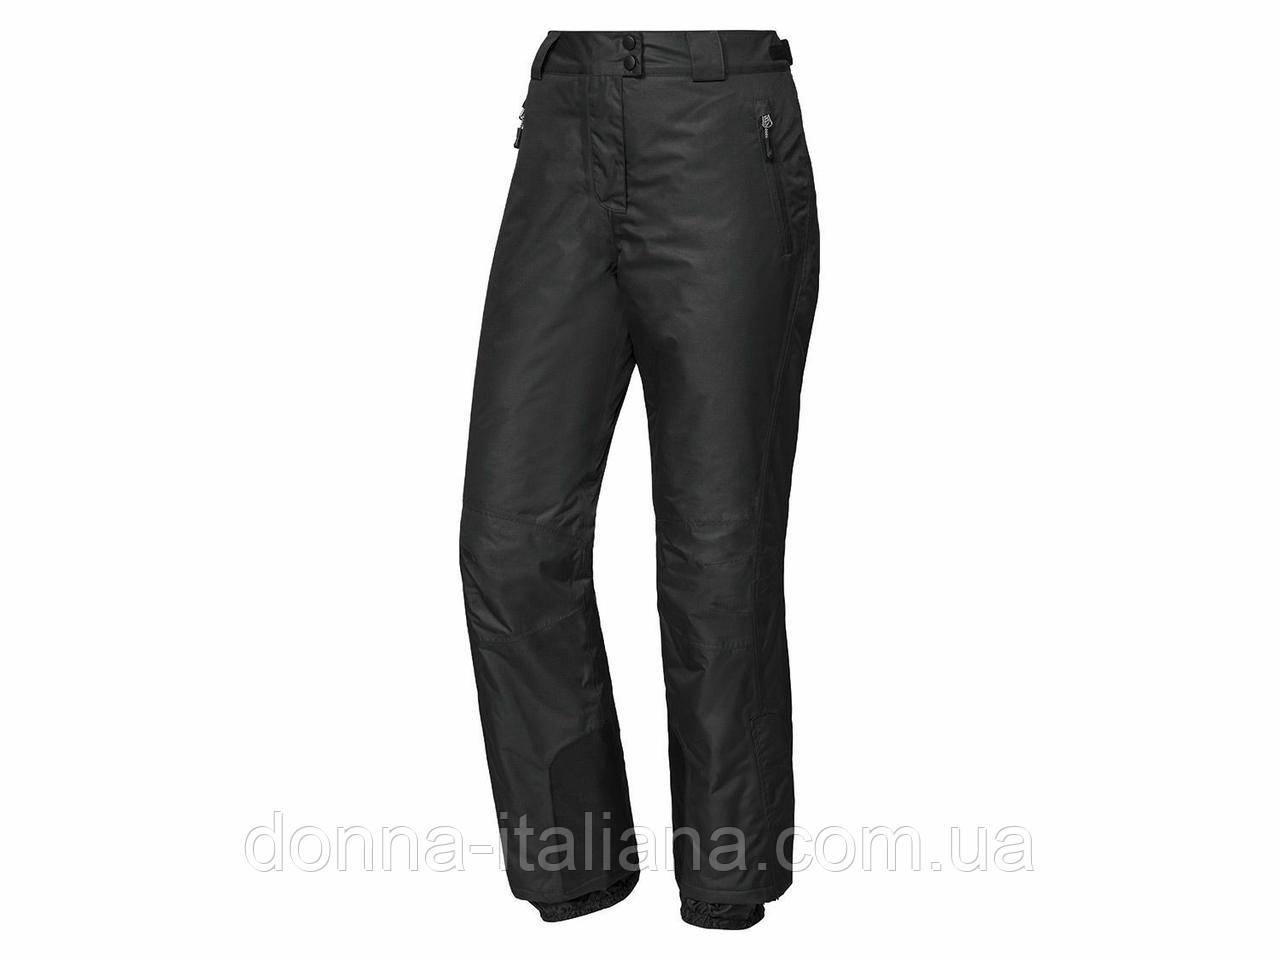 Женские лыжные брюки Crivit - EU40 Черный (1315528)